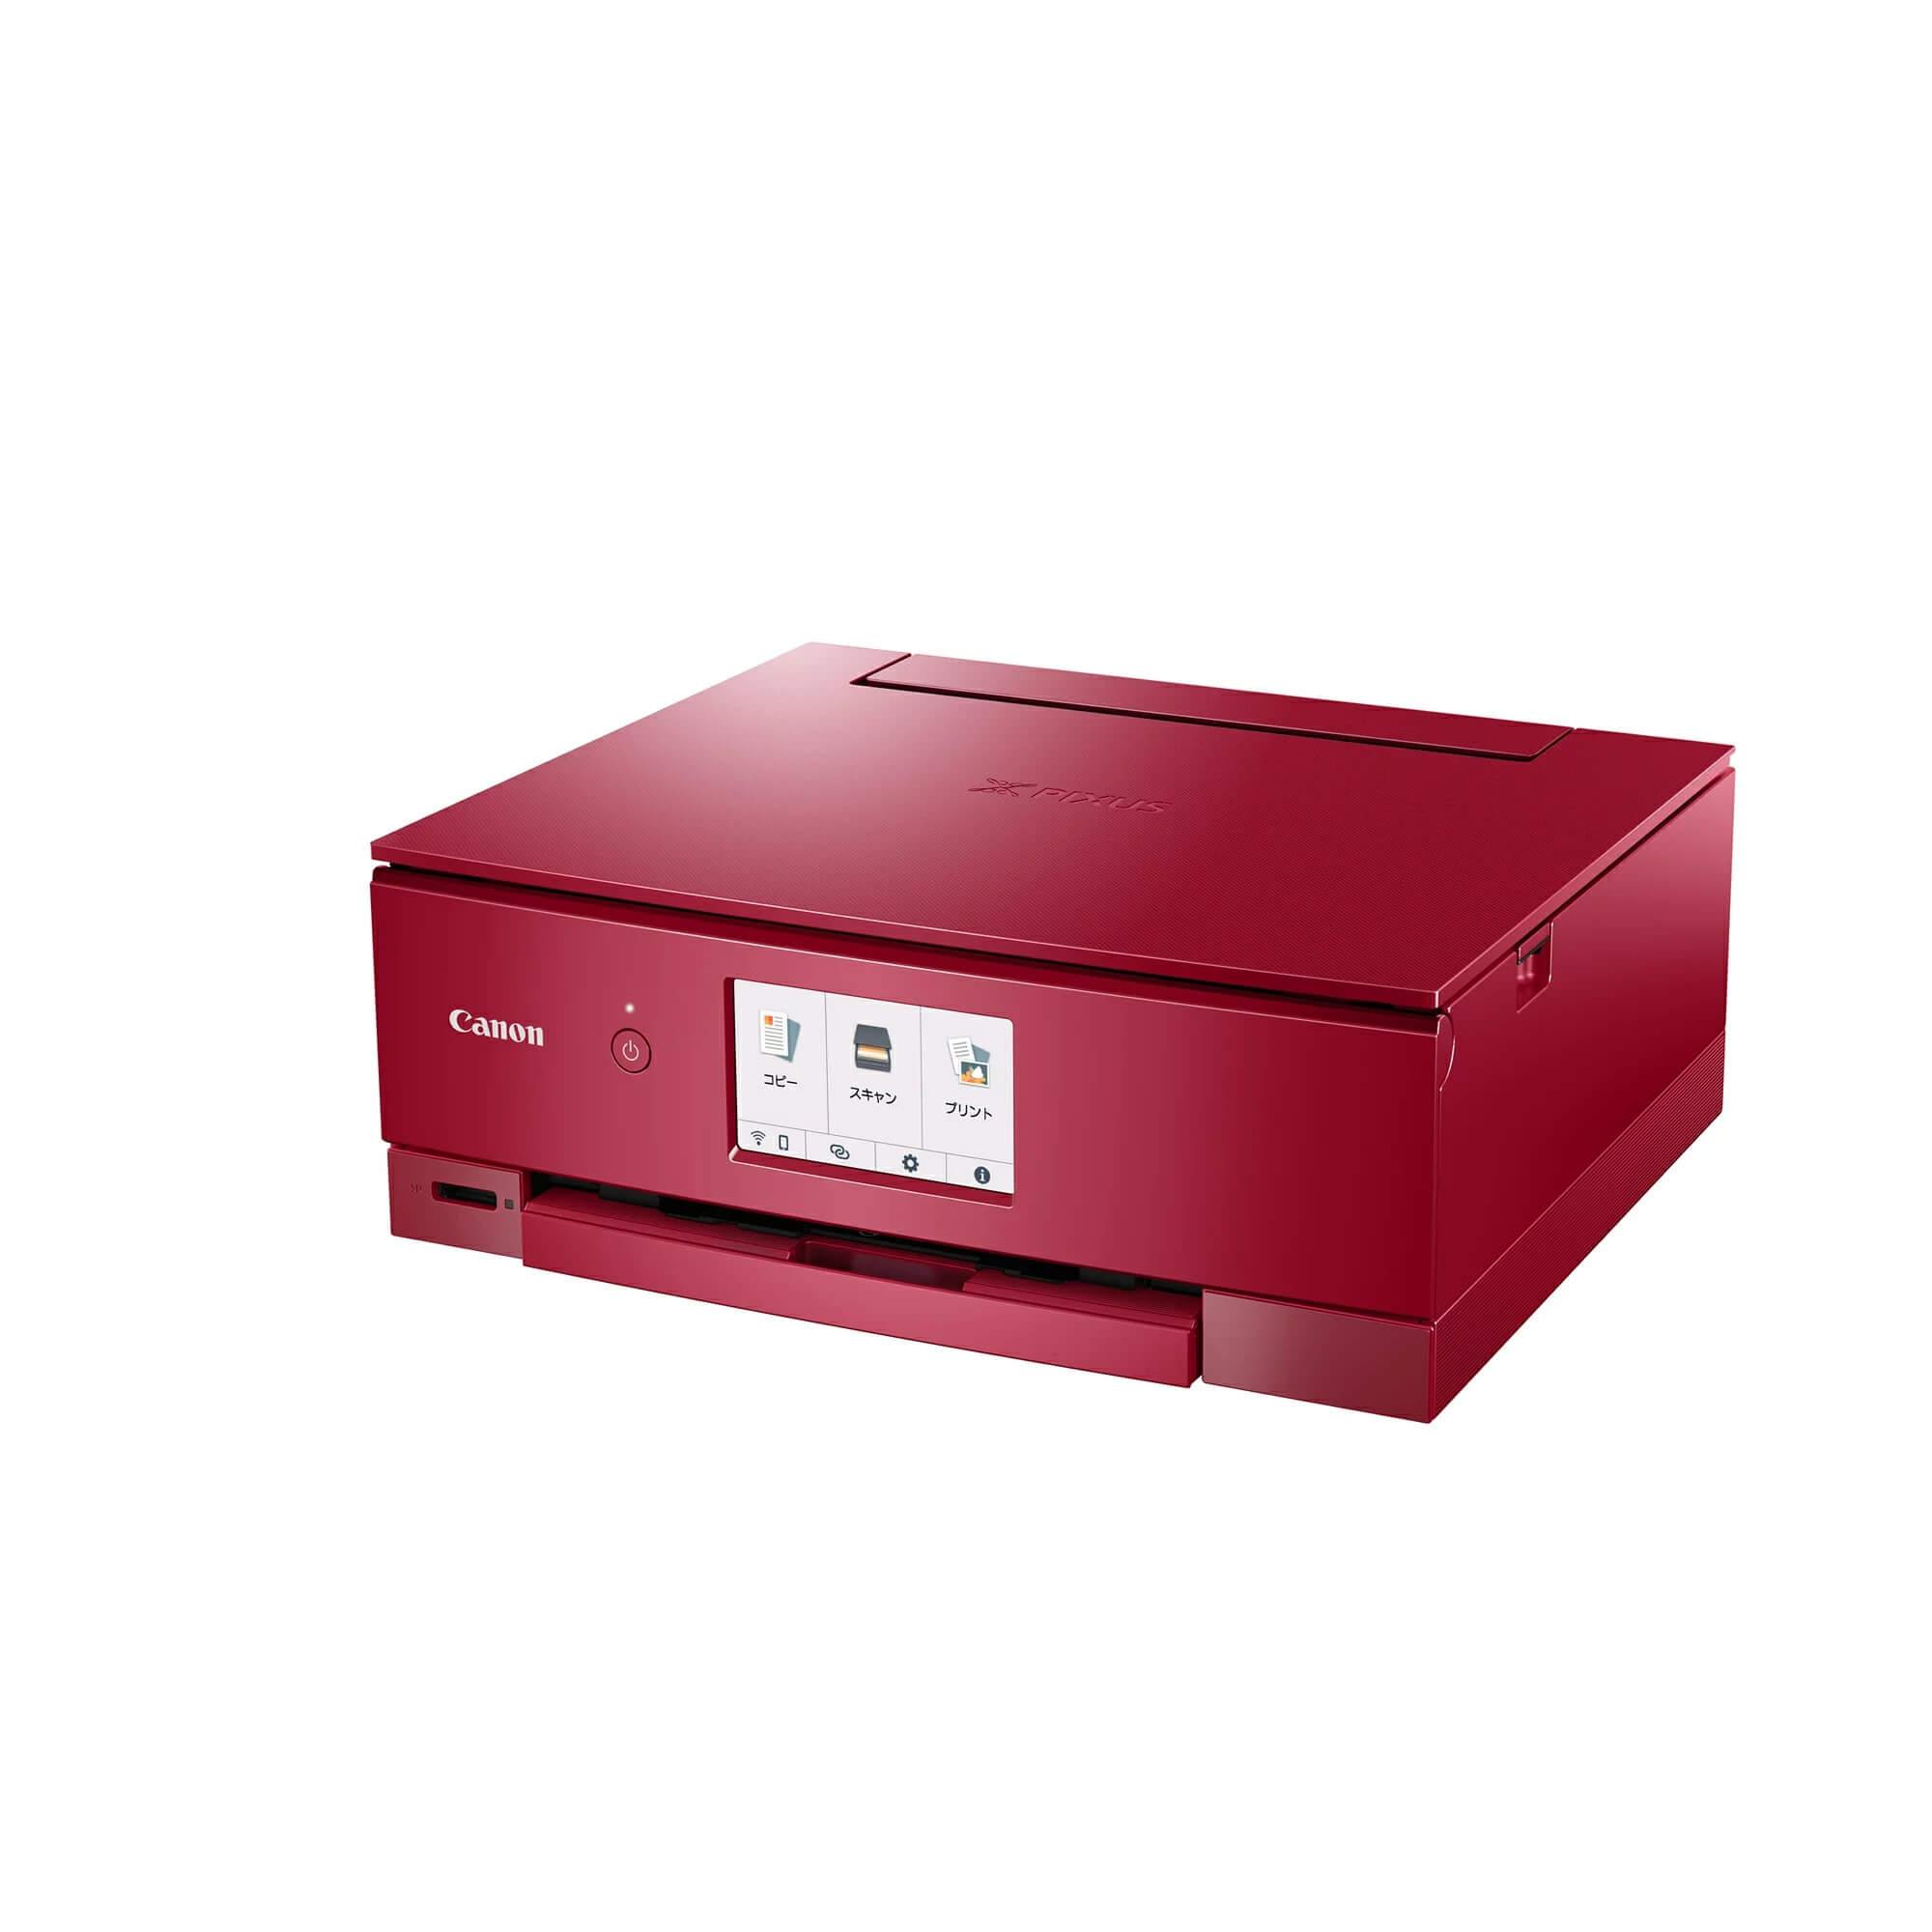 キヤノン インクジェット複合機 PIXUS TS8430(レッド)